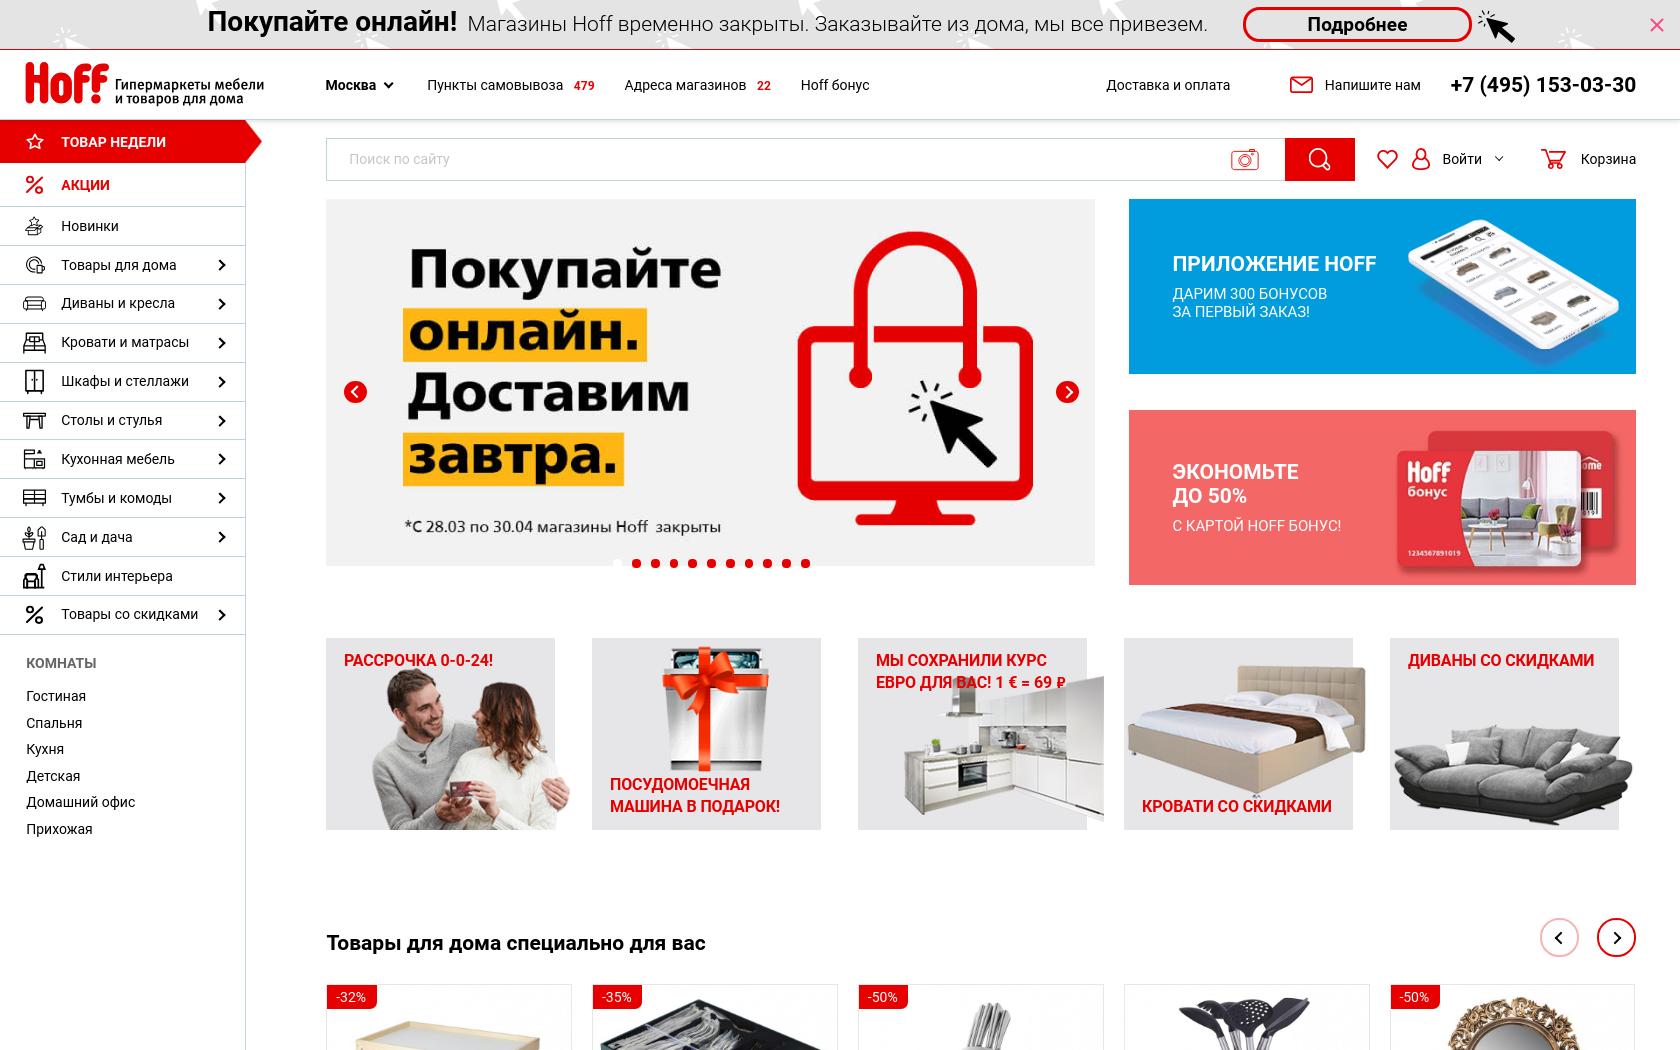 Hoff Нижневартовск Интернет Магазин